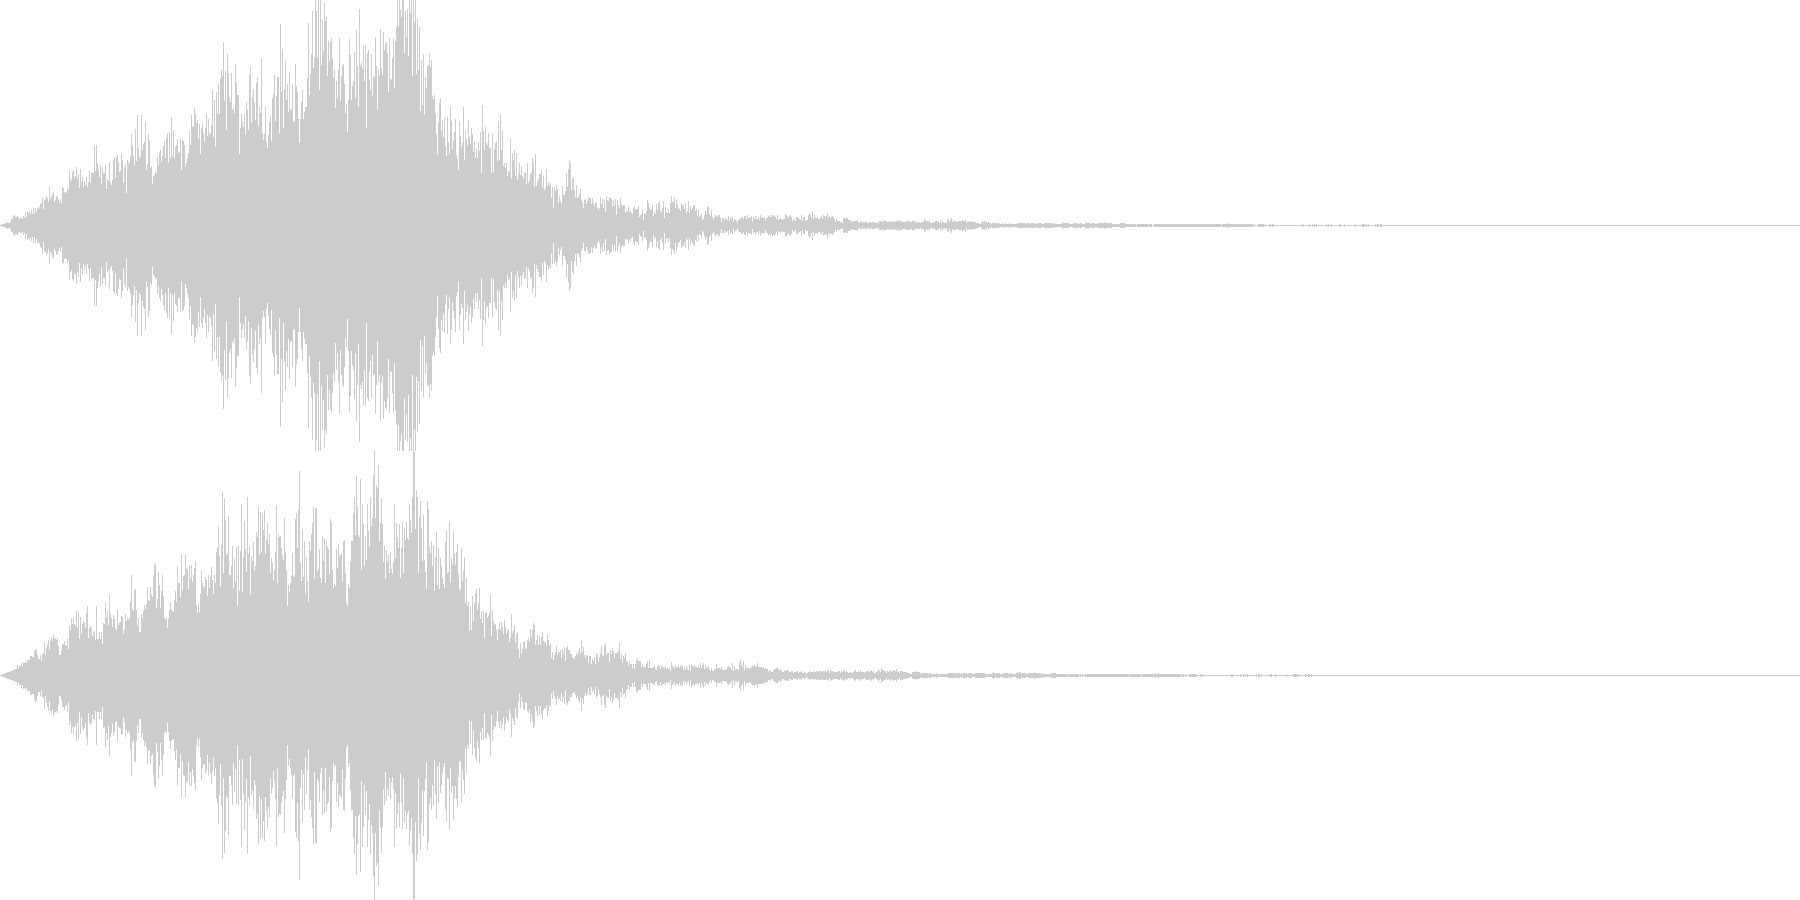 不思議な音04の未再生の波形